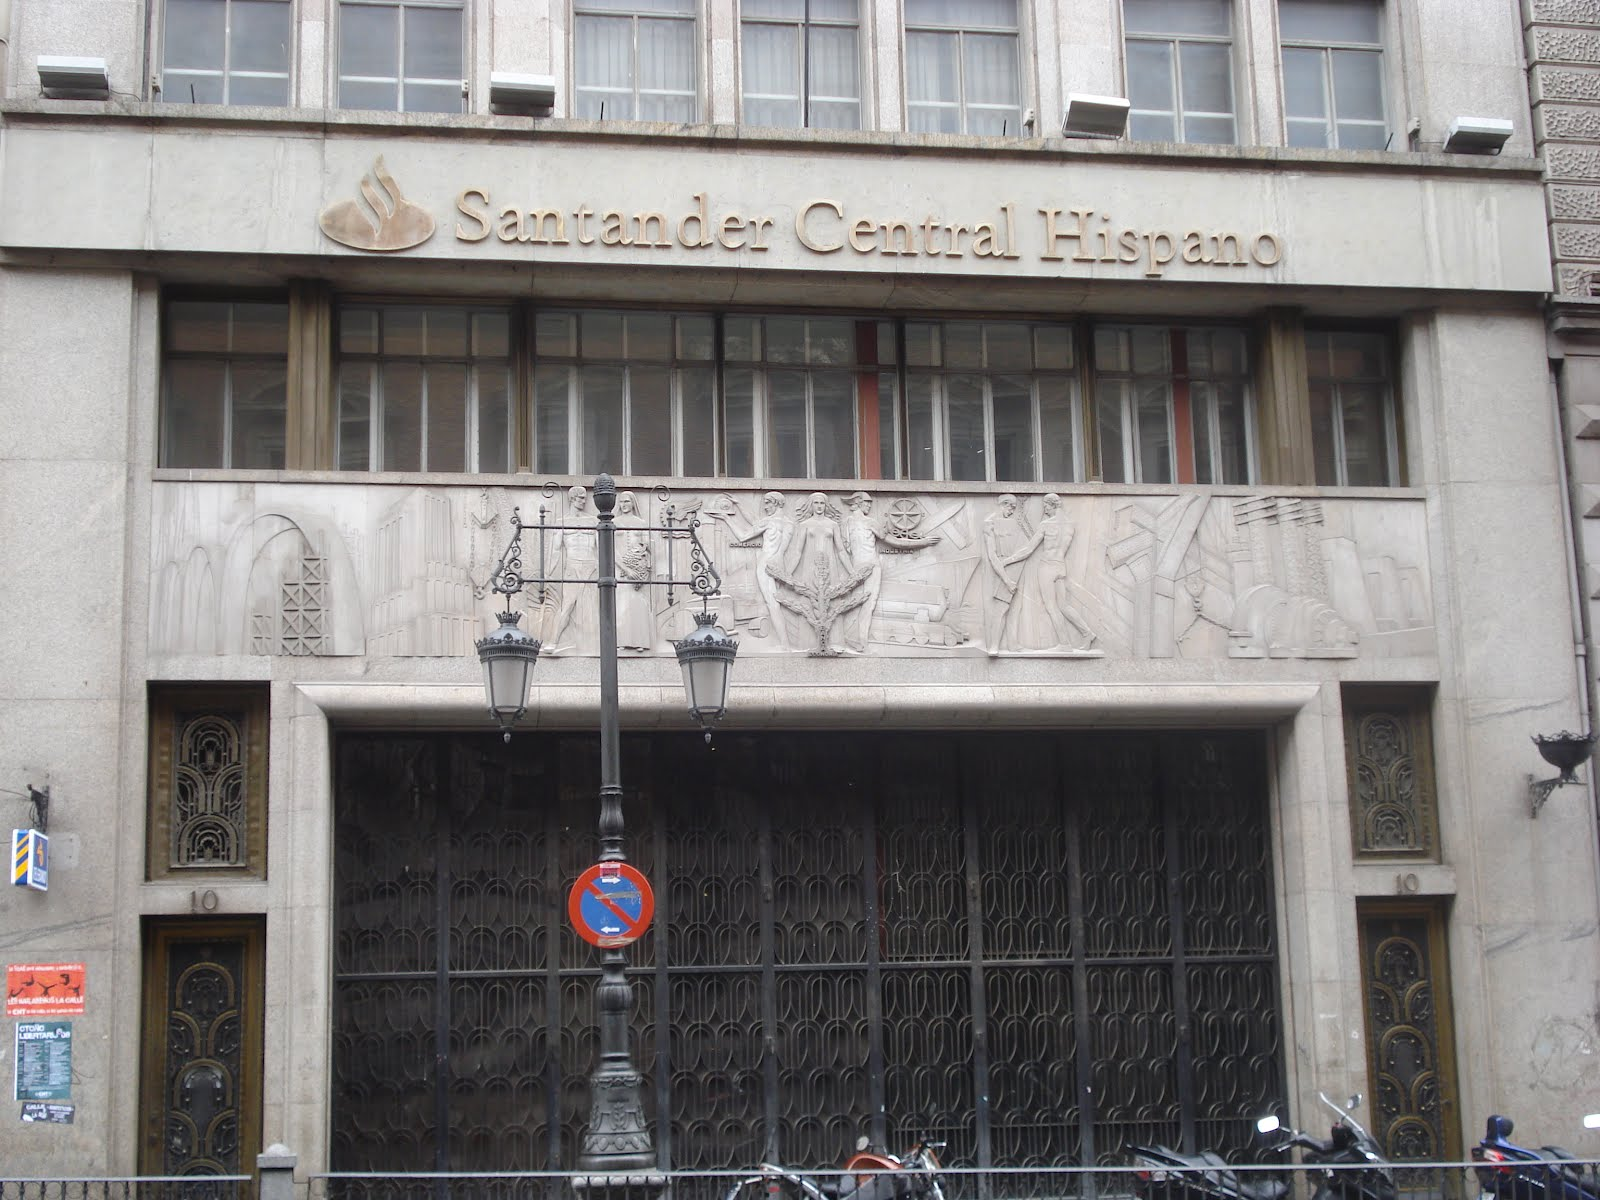 Madrid art dec santander central hispano puertas for Banco santander oficina central madrid